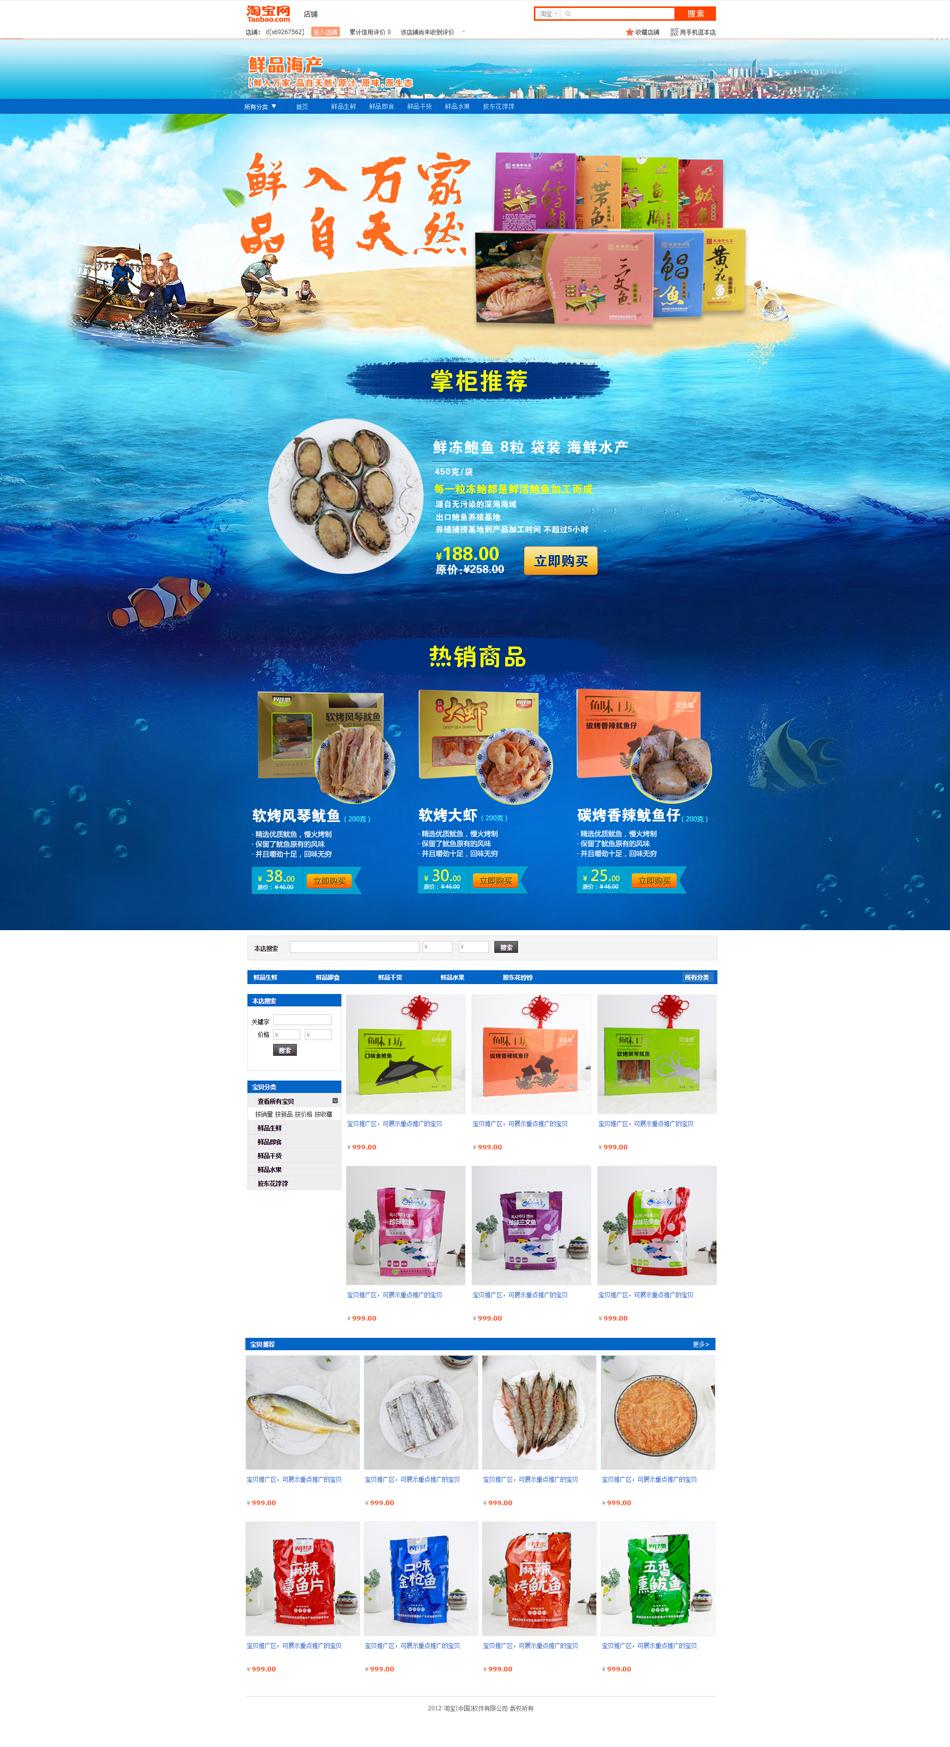 威海鲜品食品淘宝店